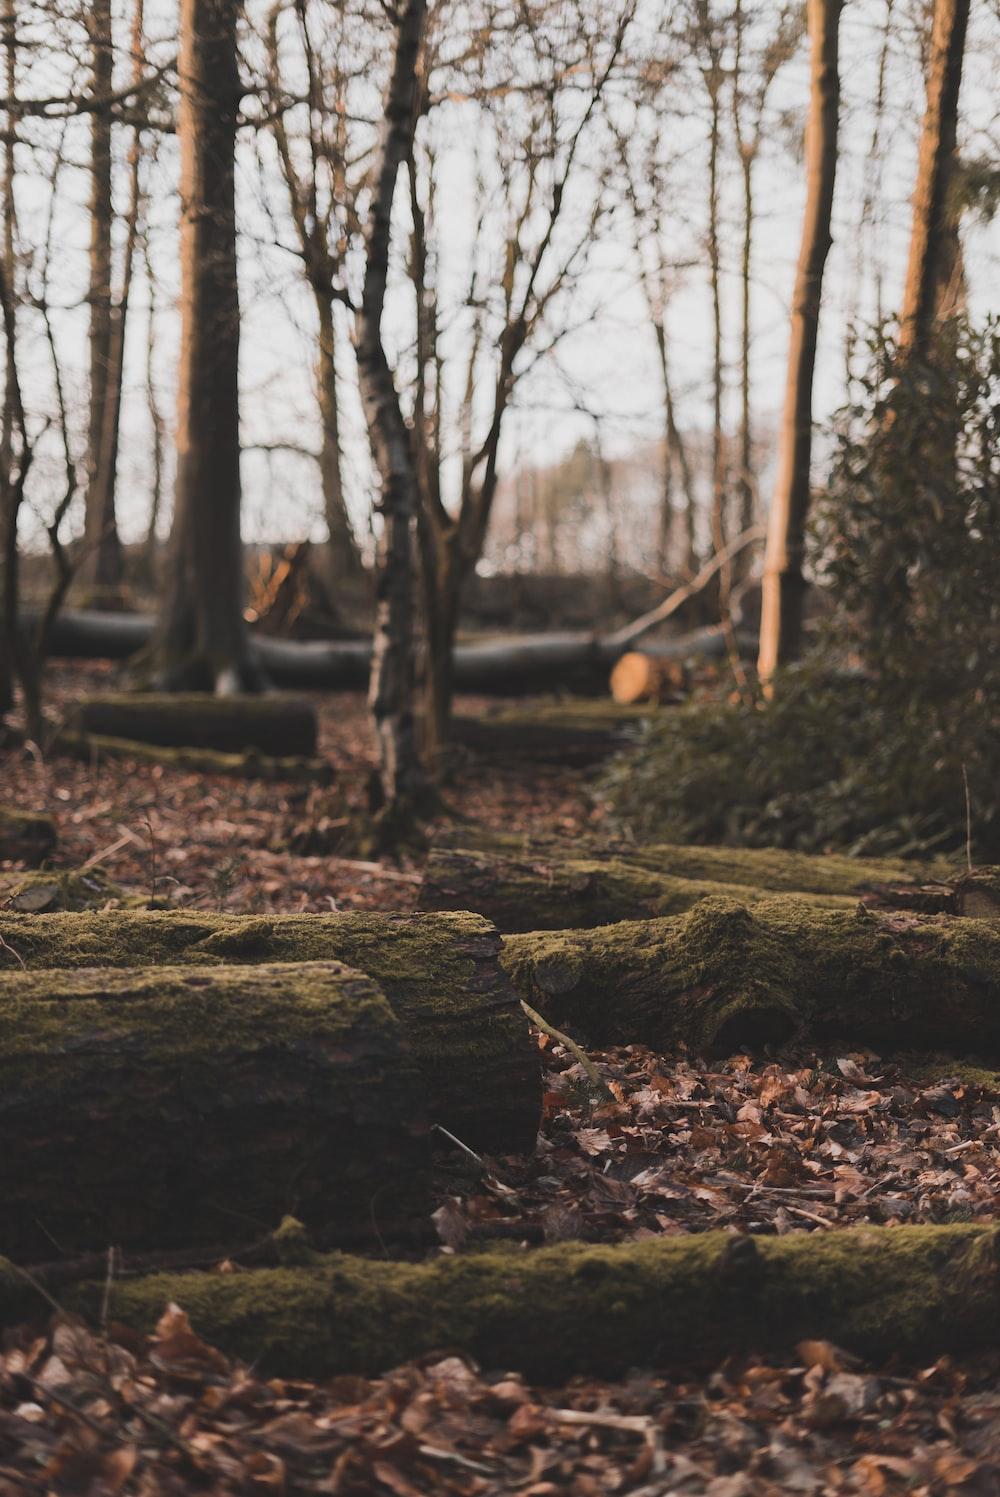 brown tree log on brown soil during daytime